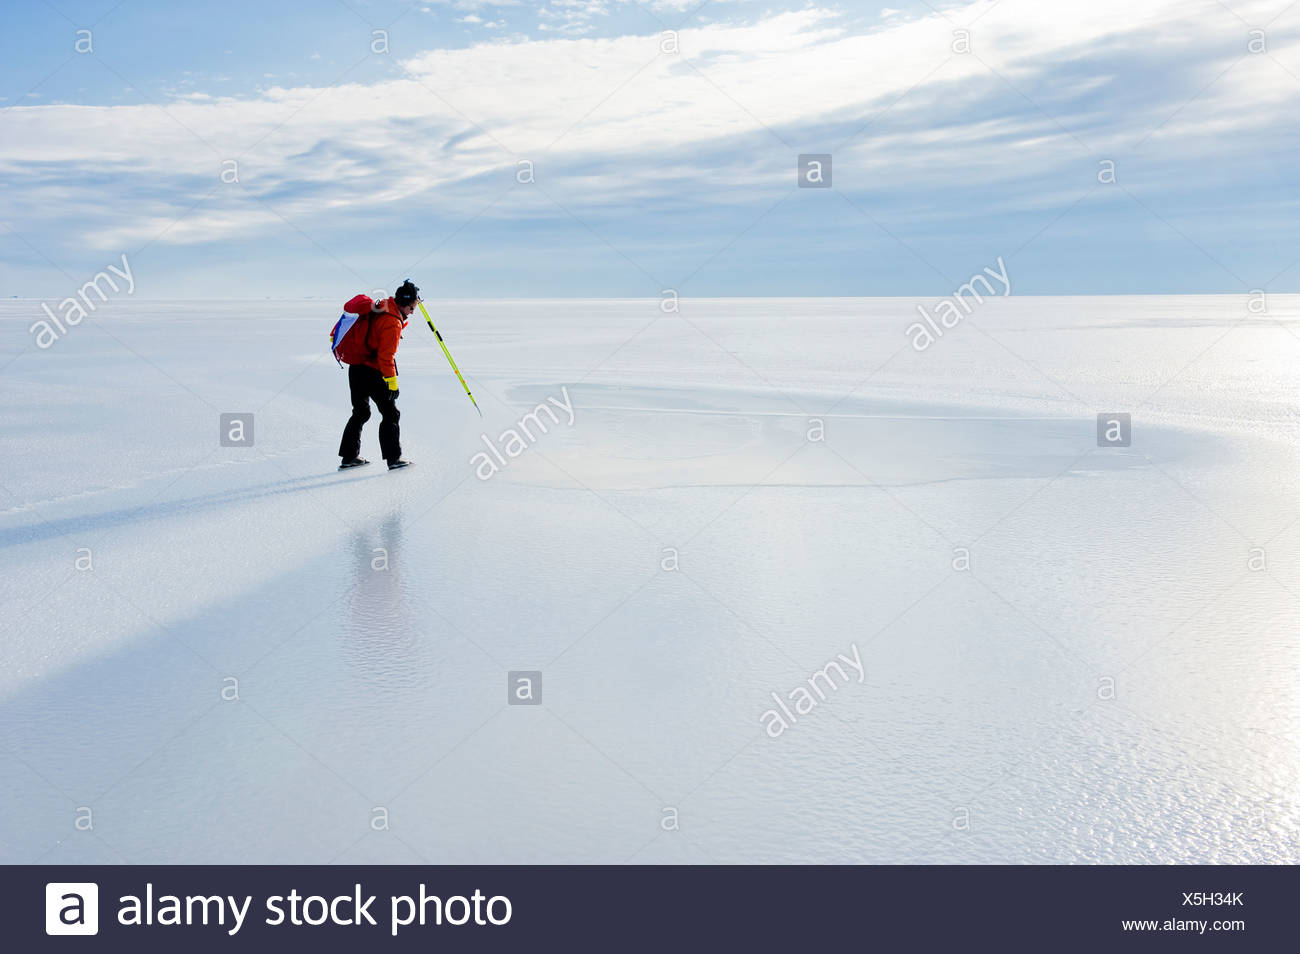 Vista laterale di un pattinatore sul tranquillo lago ghiacciato contro il cielo nuvoloso Immagini Stock